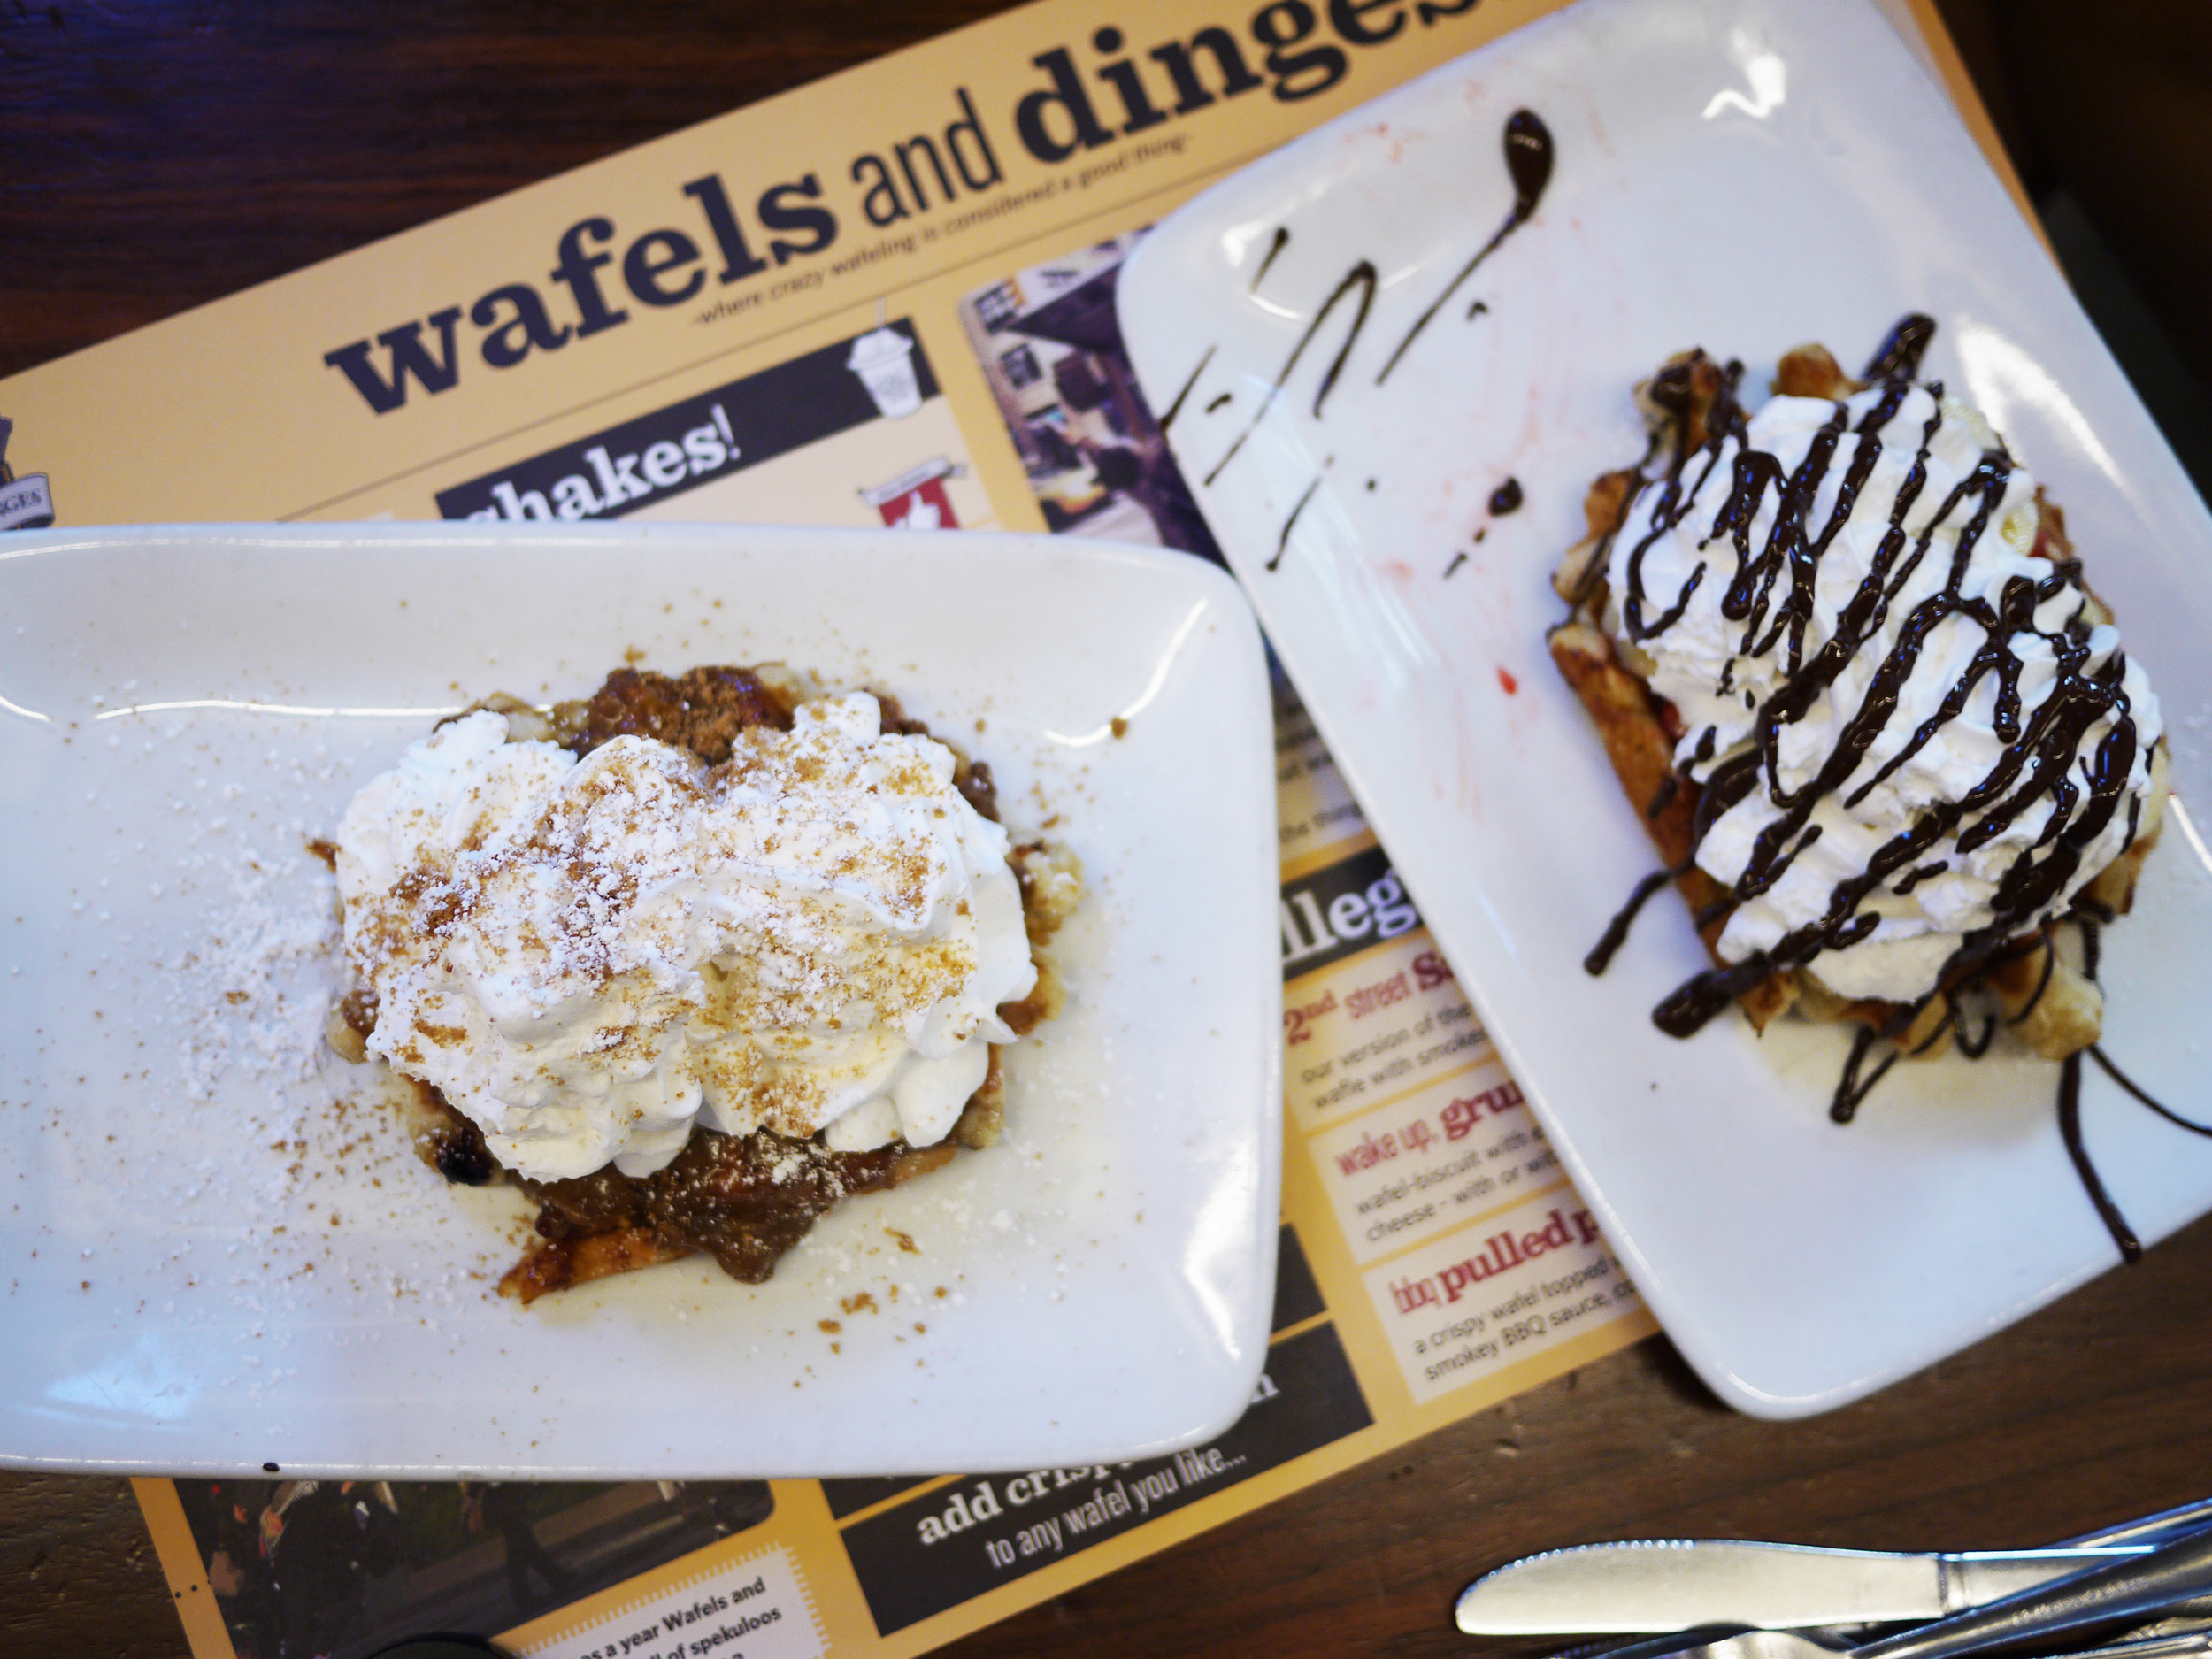 Wafels & Dinges - NYC eats - jannadoan.com